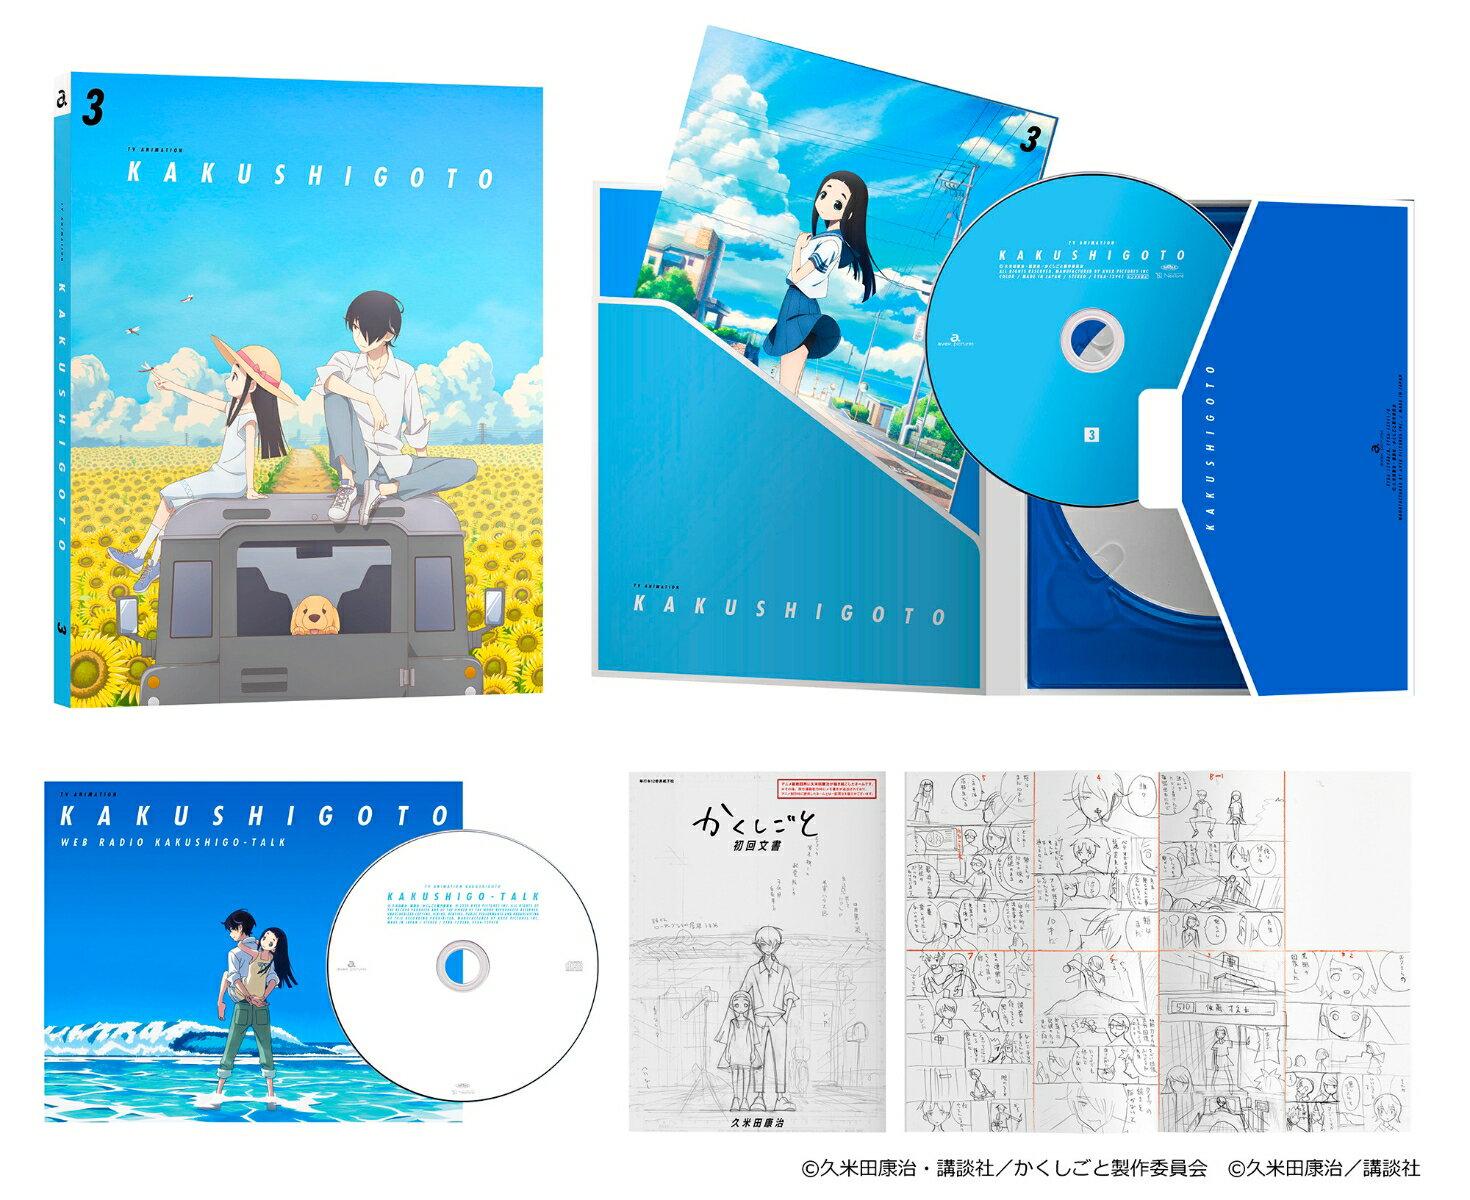 かくしごと DVD 3